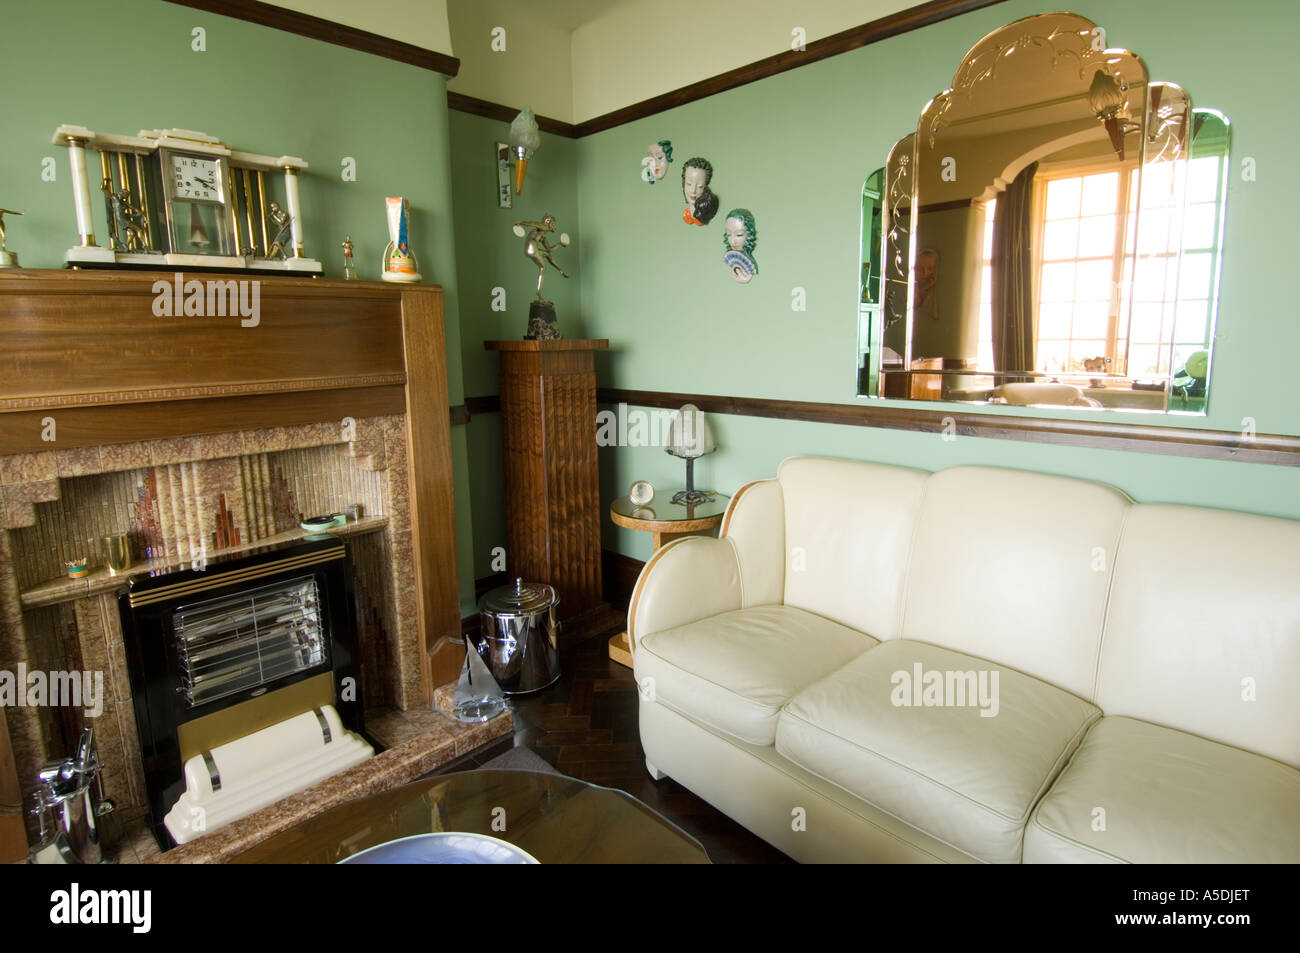 wohnzimmer farbe lounge : Renoviertes Art Deco Jugendstil 1930 S Haus Innen Lounge